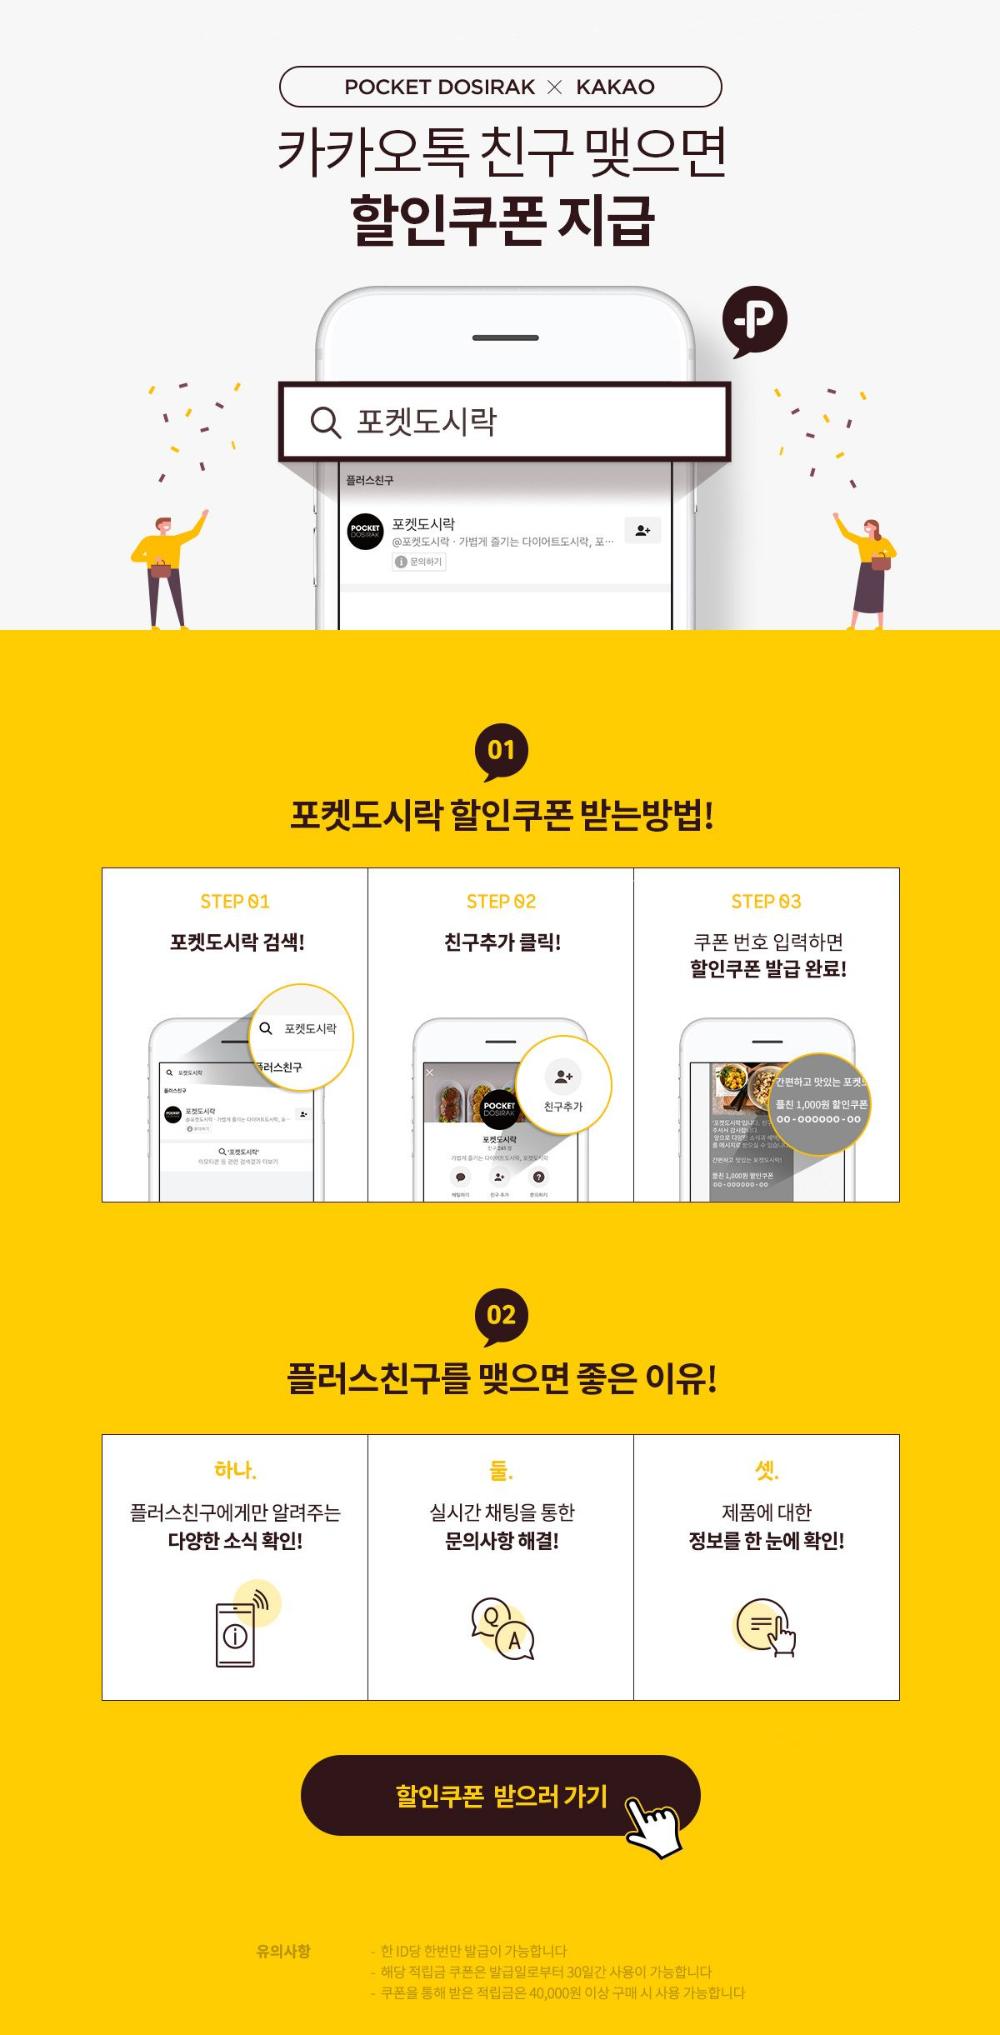 카카오 이벤트 Google 검색 2020 웹사이트 디자인 레이아웃 웹 배너 디자인 뉴스레터 디자인